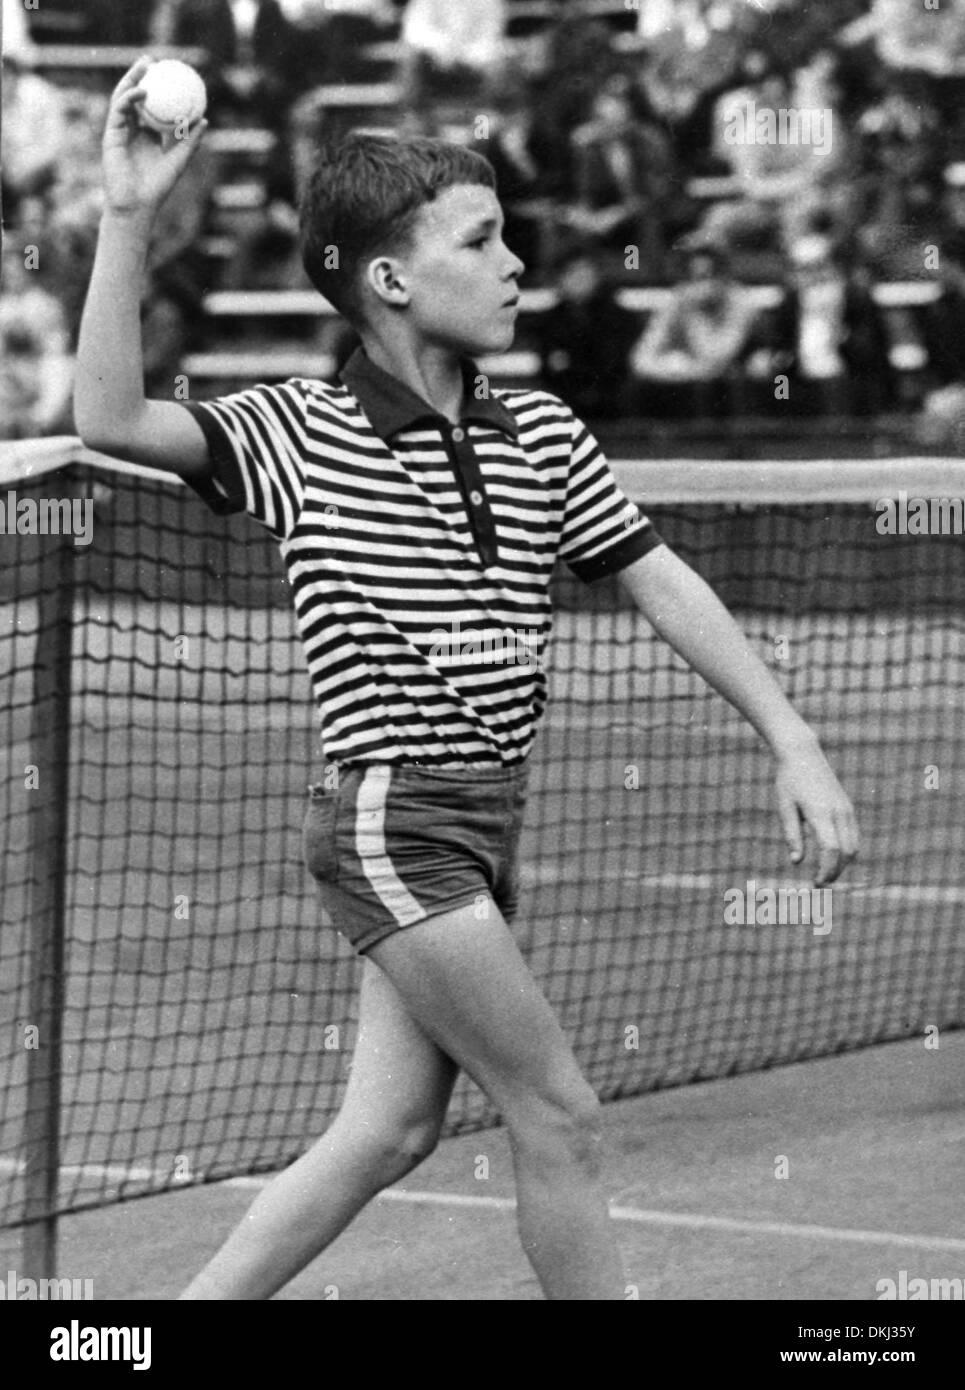 Czech tennis legend Ivan Lendl as 9 year old Ball Boy at a